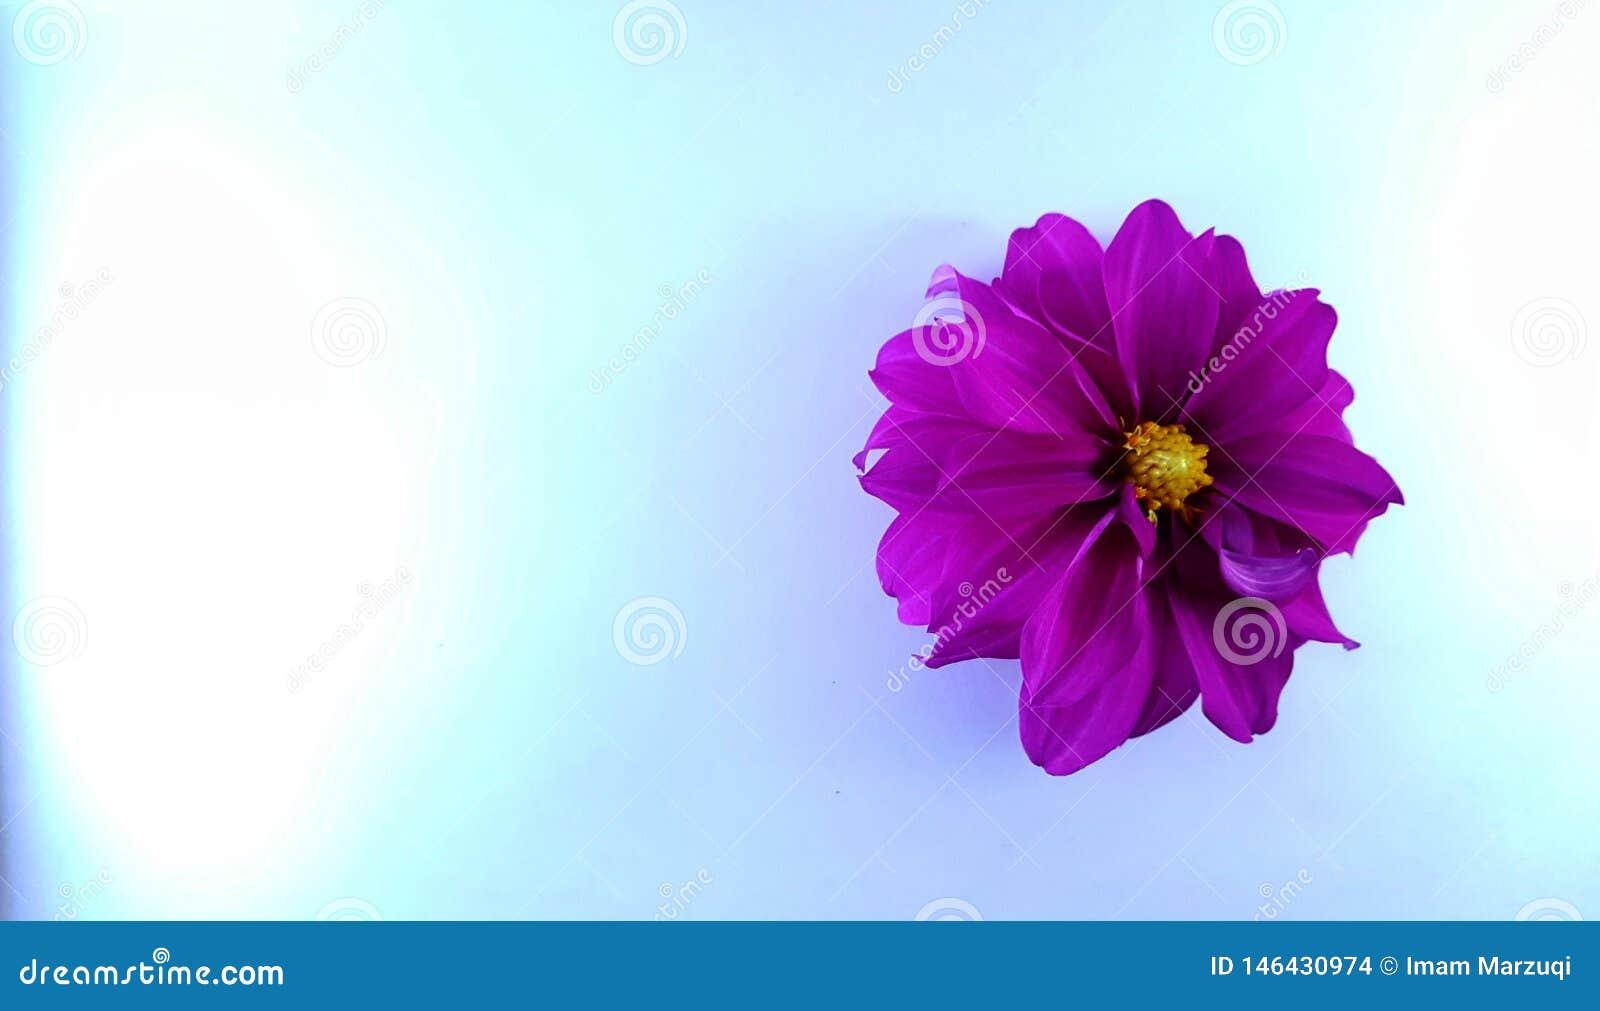 Πορφυρά λουλούδια στο μπλε κατασκευασμένο υπόβαθρο